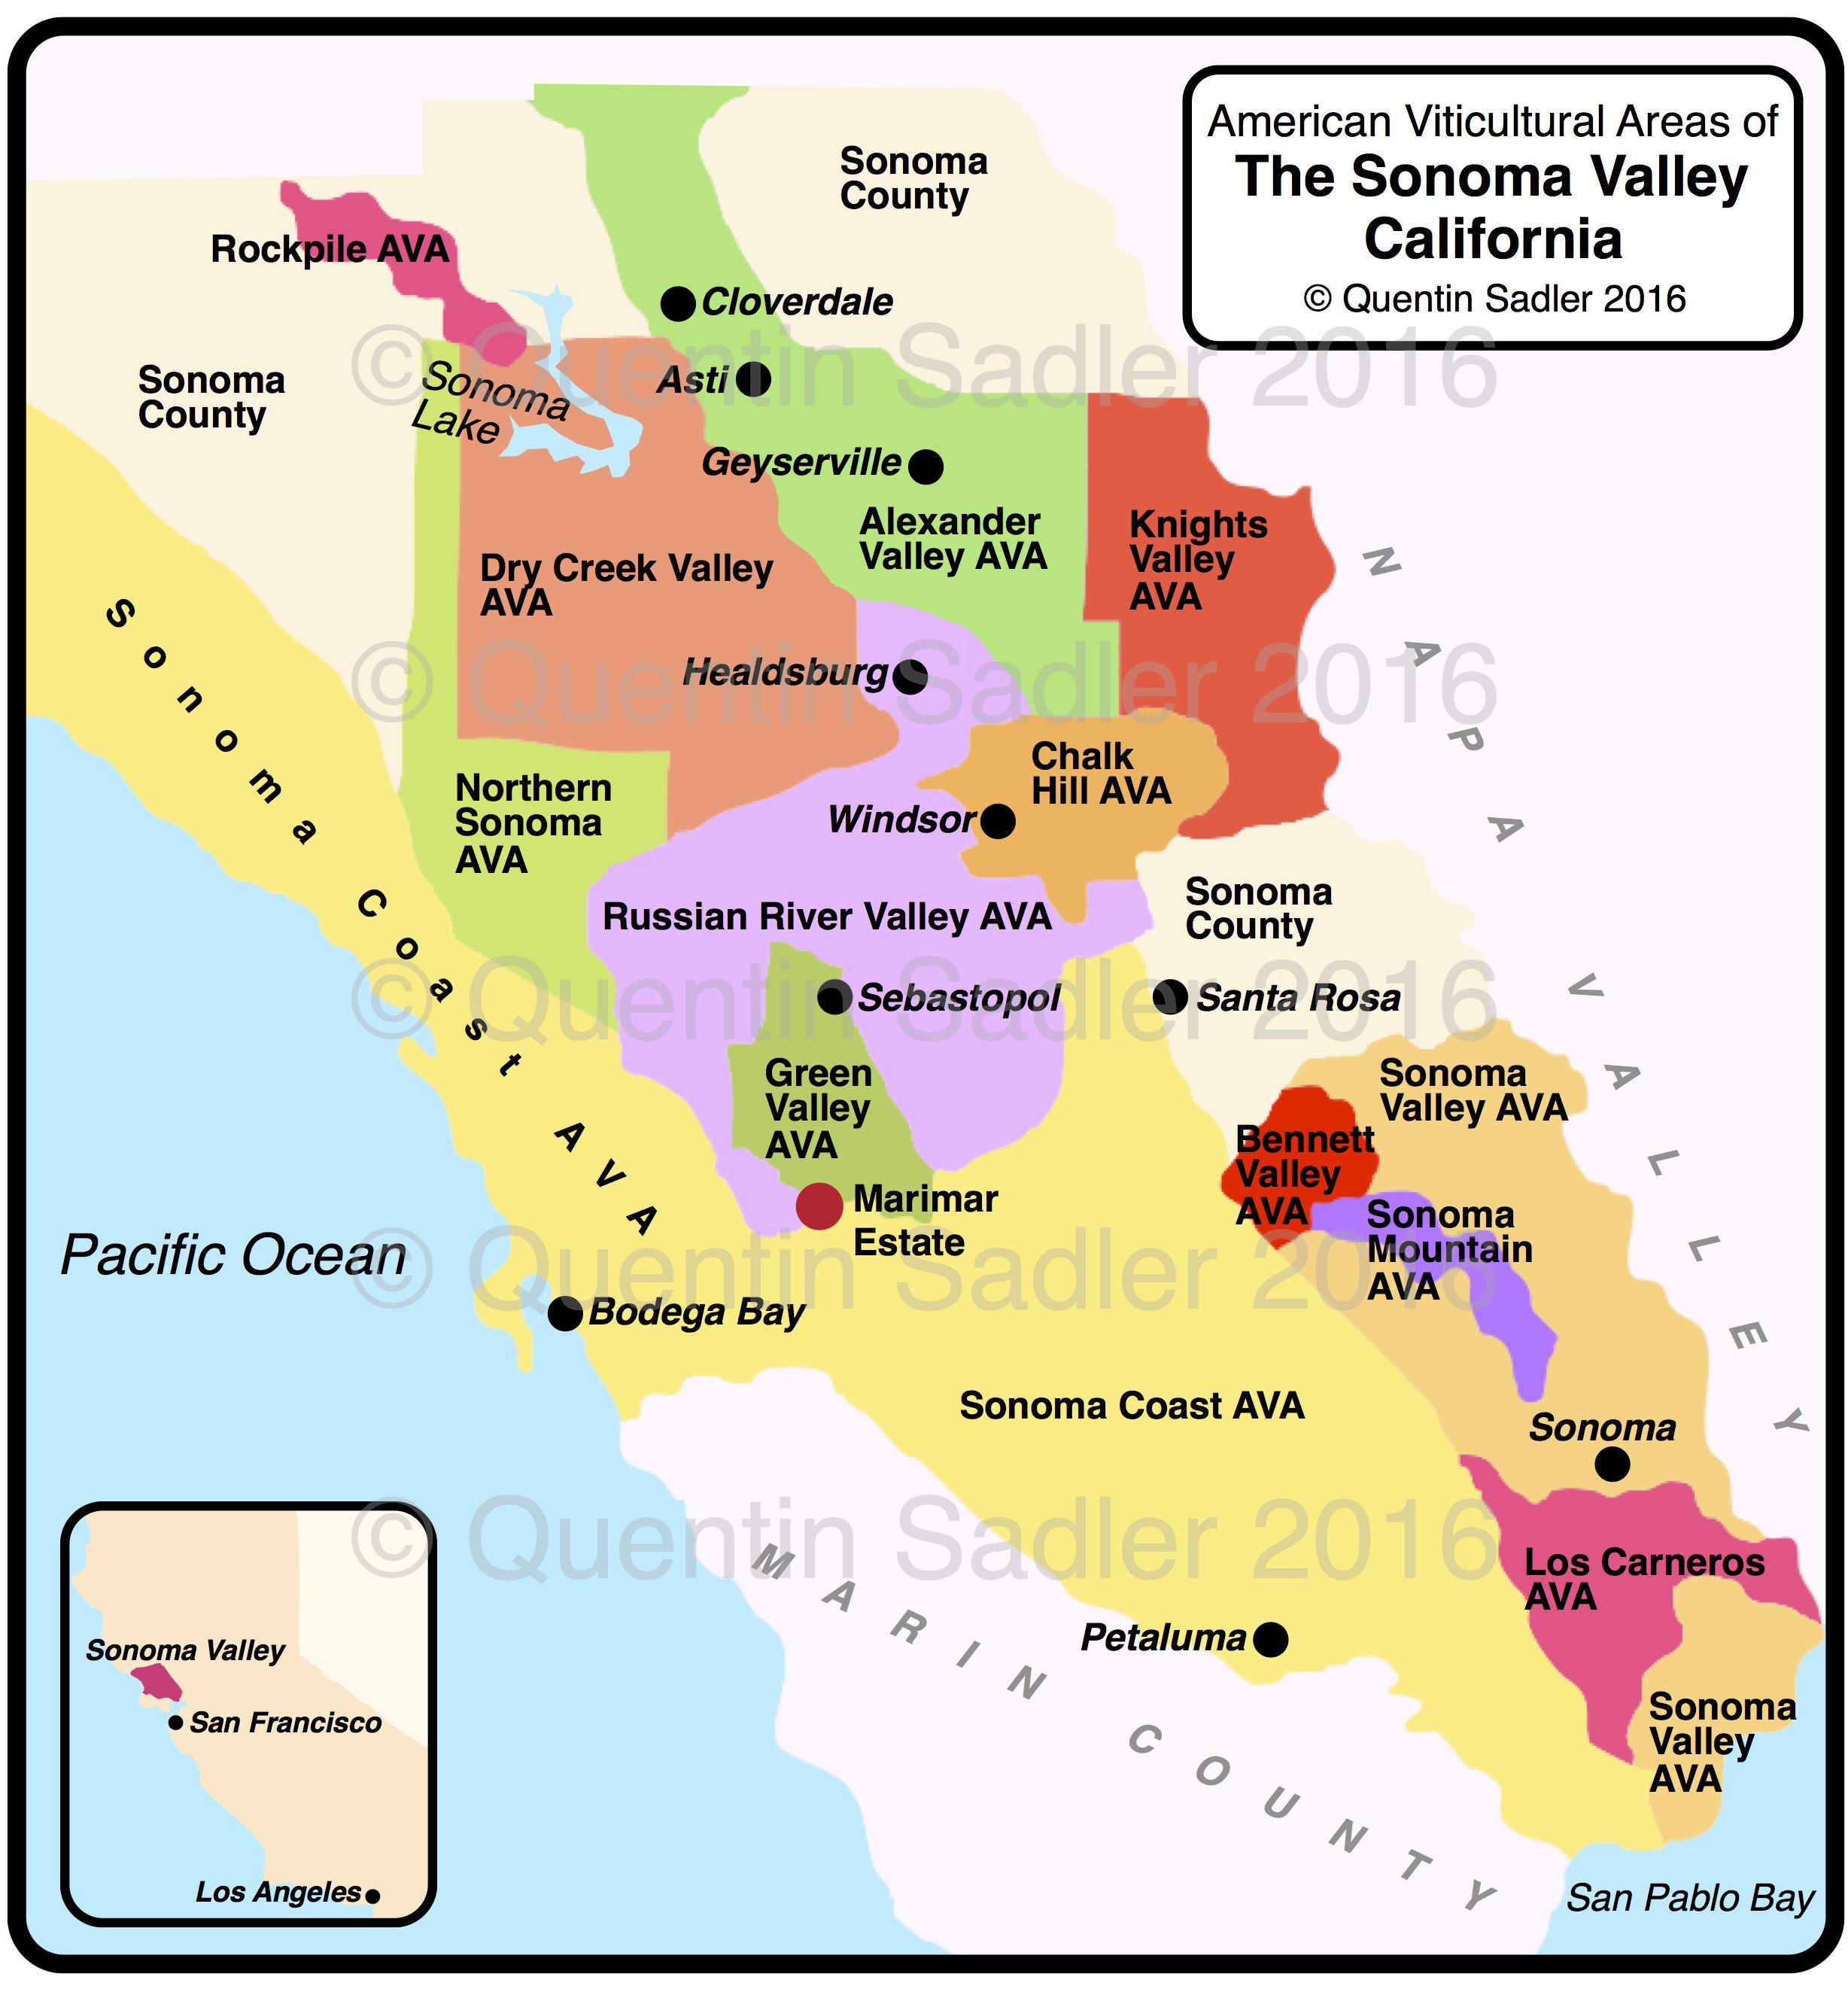 California Wine Growing Regions Map Printable Maps California - California Regions Map Printable